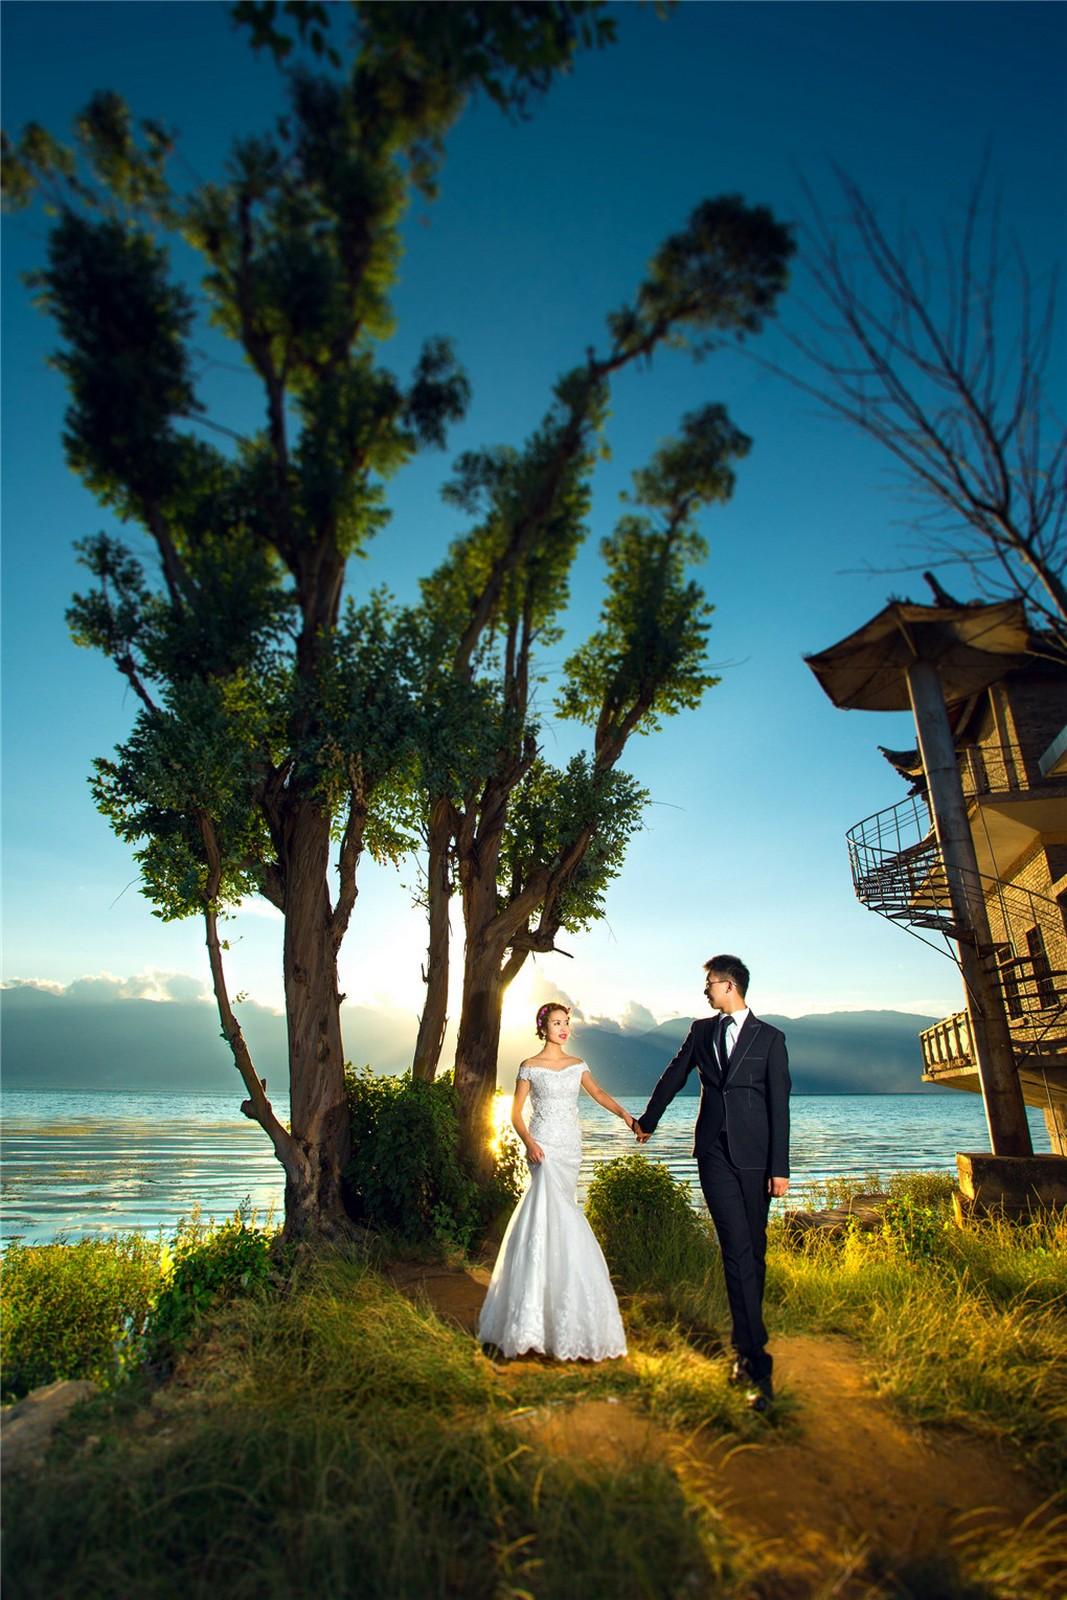 海外婚紗,大陸拍婚紗,海外婚紗推薦, 加入我們的海外婚紗團,一起去雲南大理拍婚紗